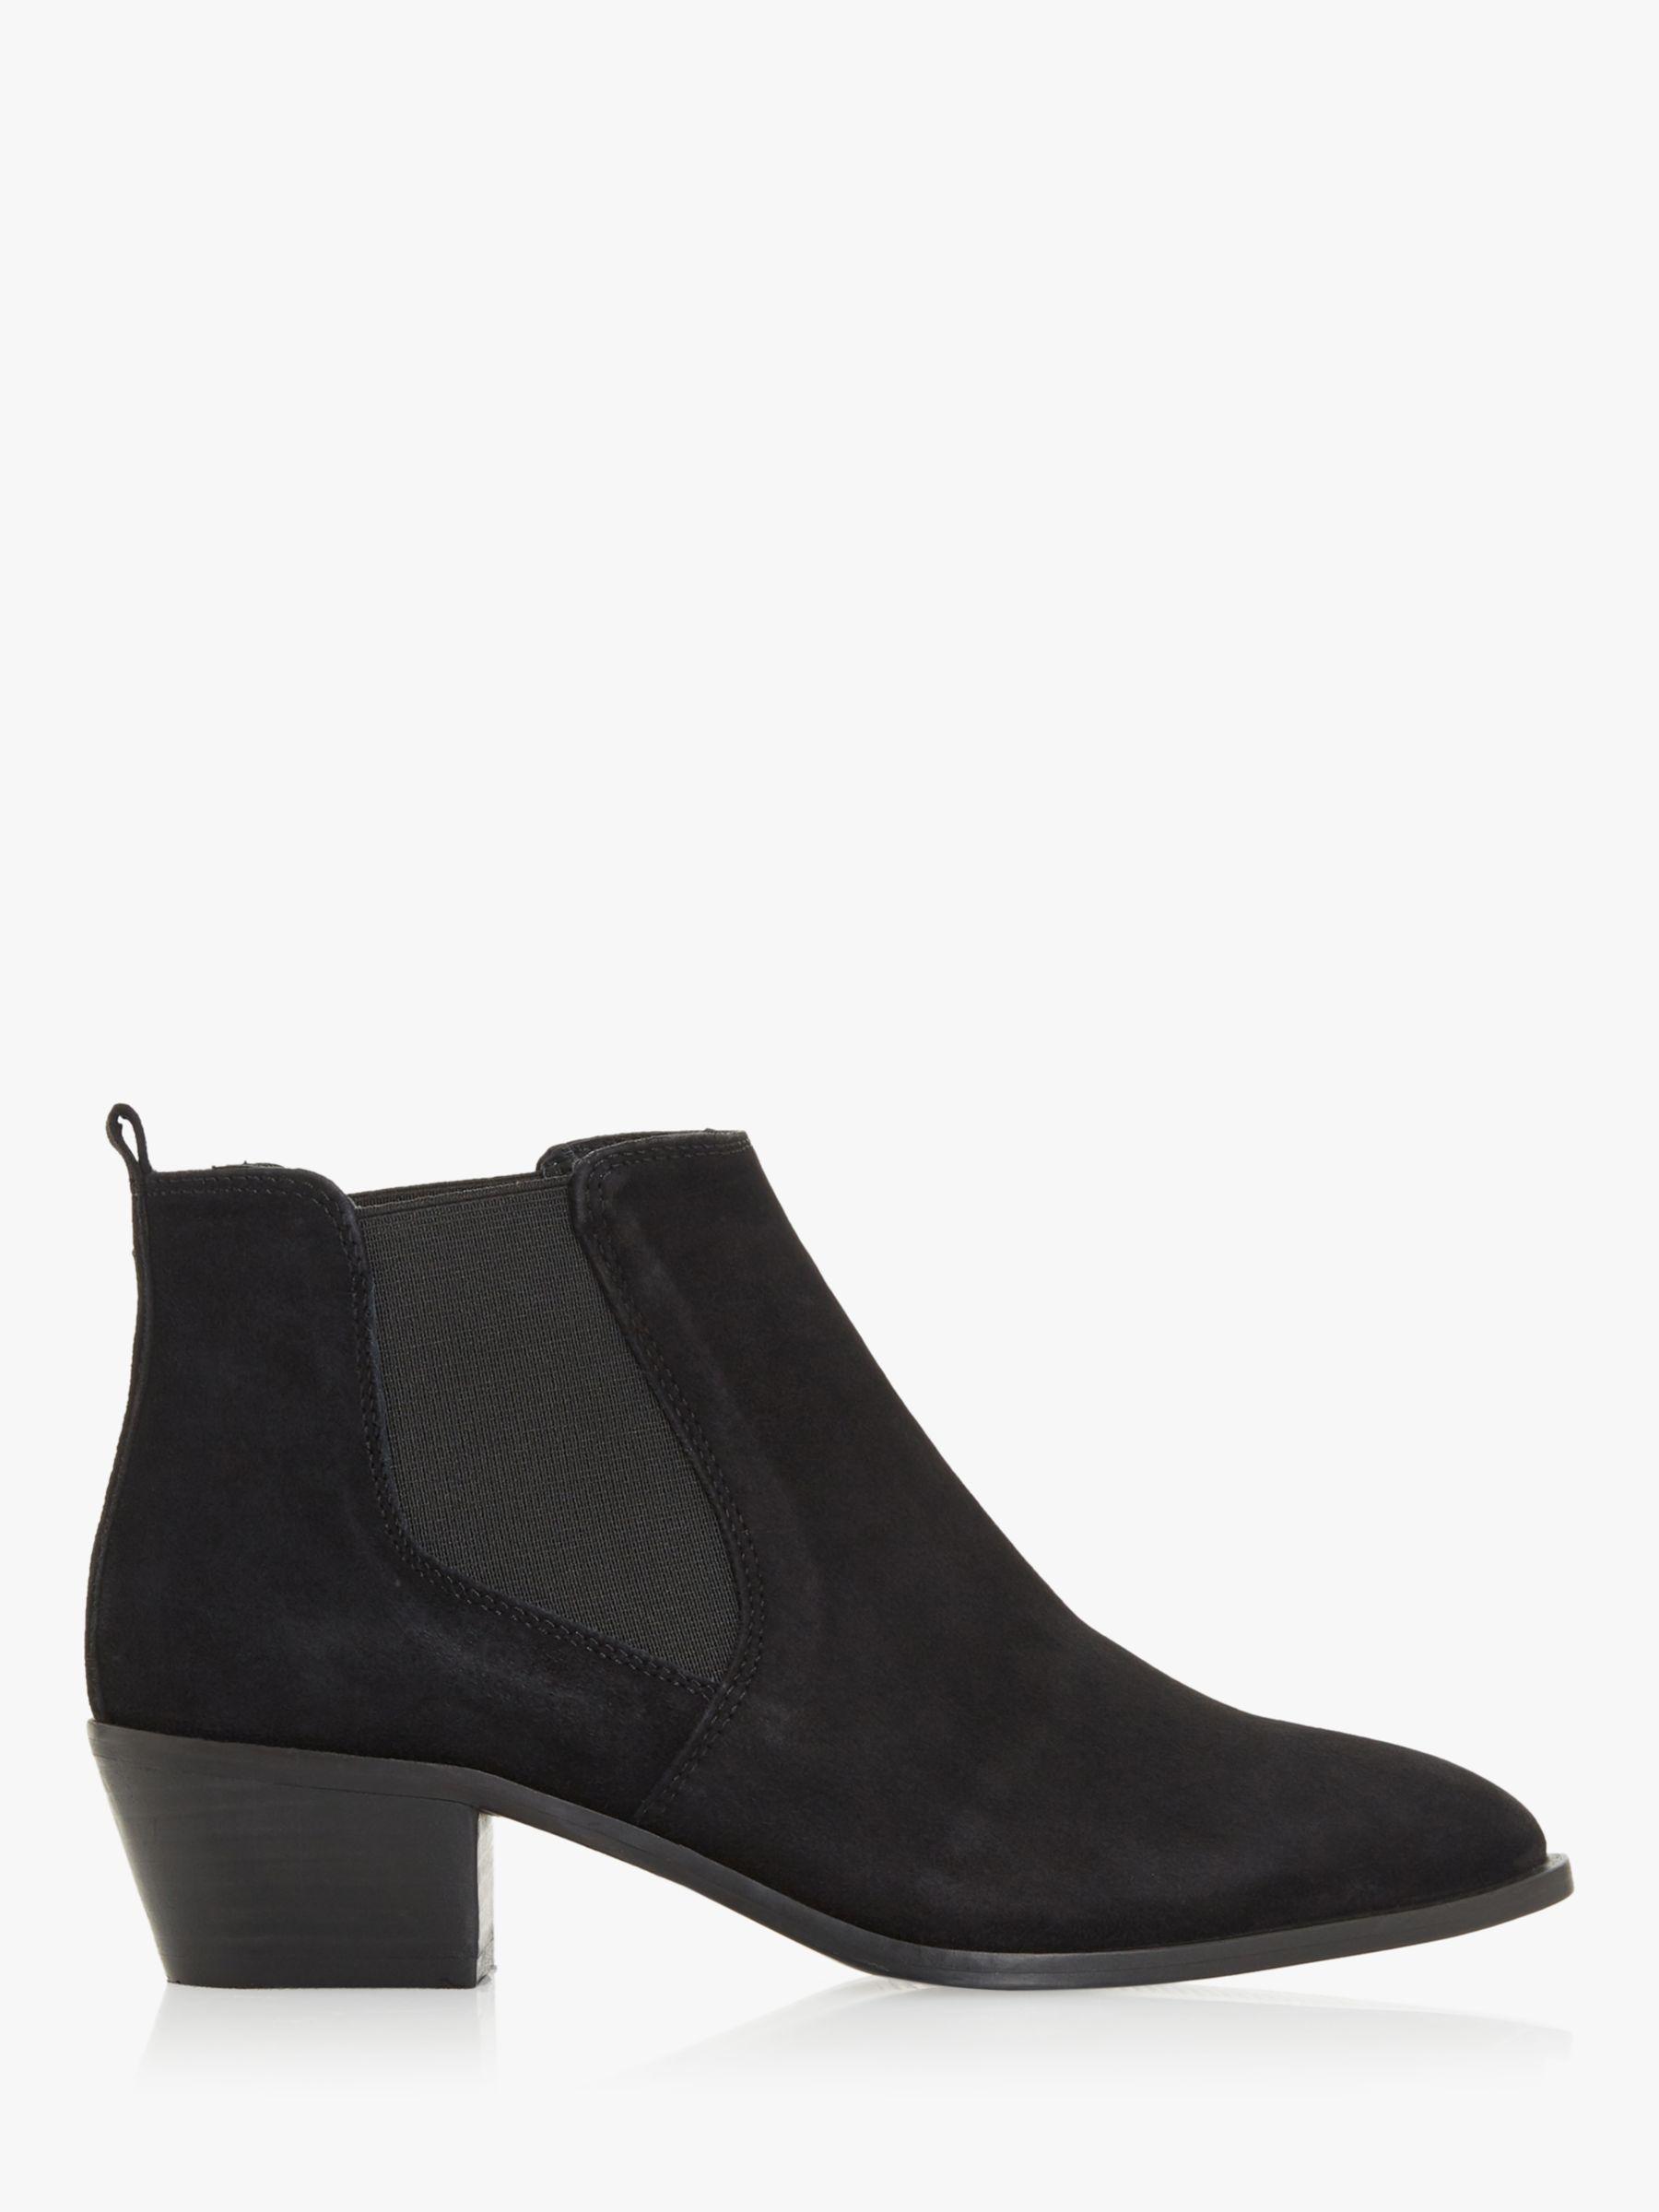 Bertie Bertie Peater Block Heel Chelsea Boots, Black